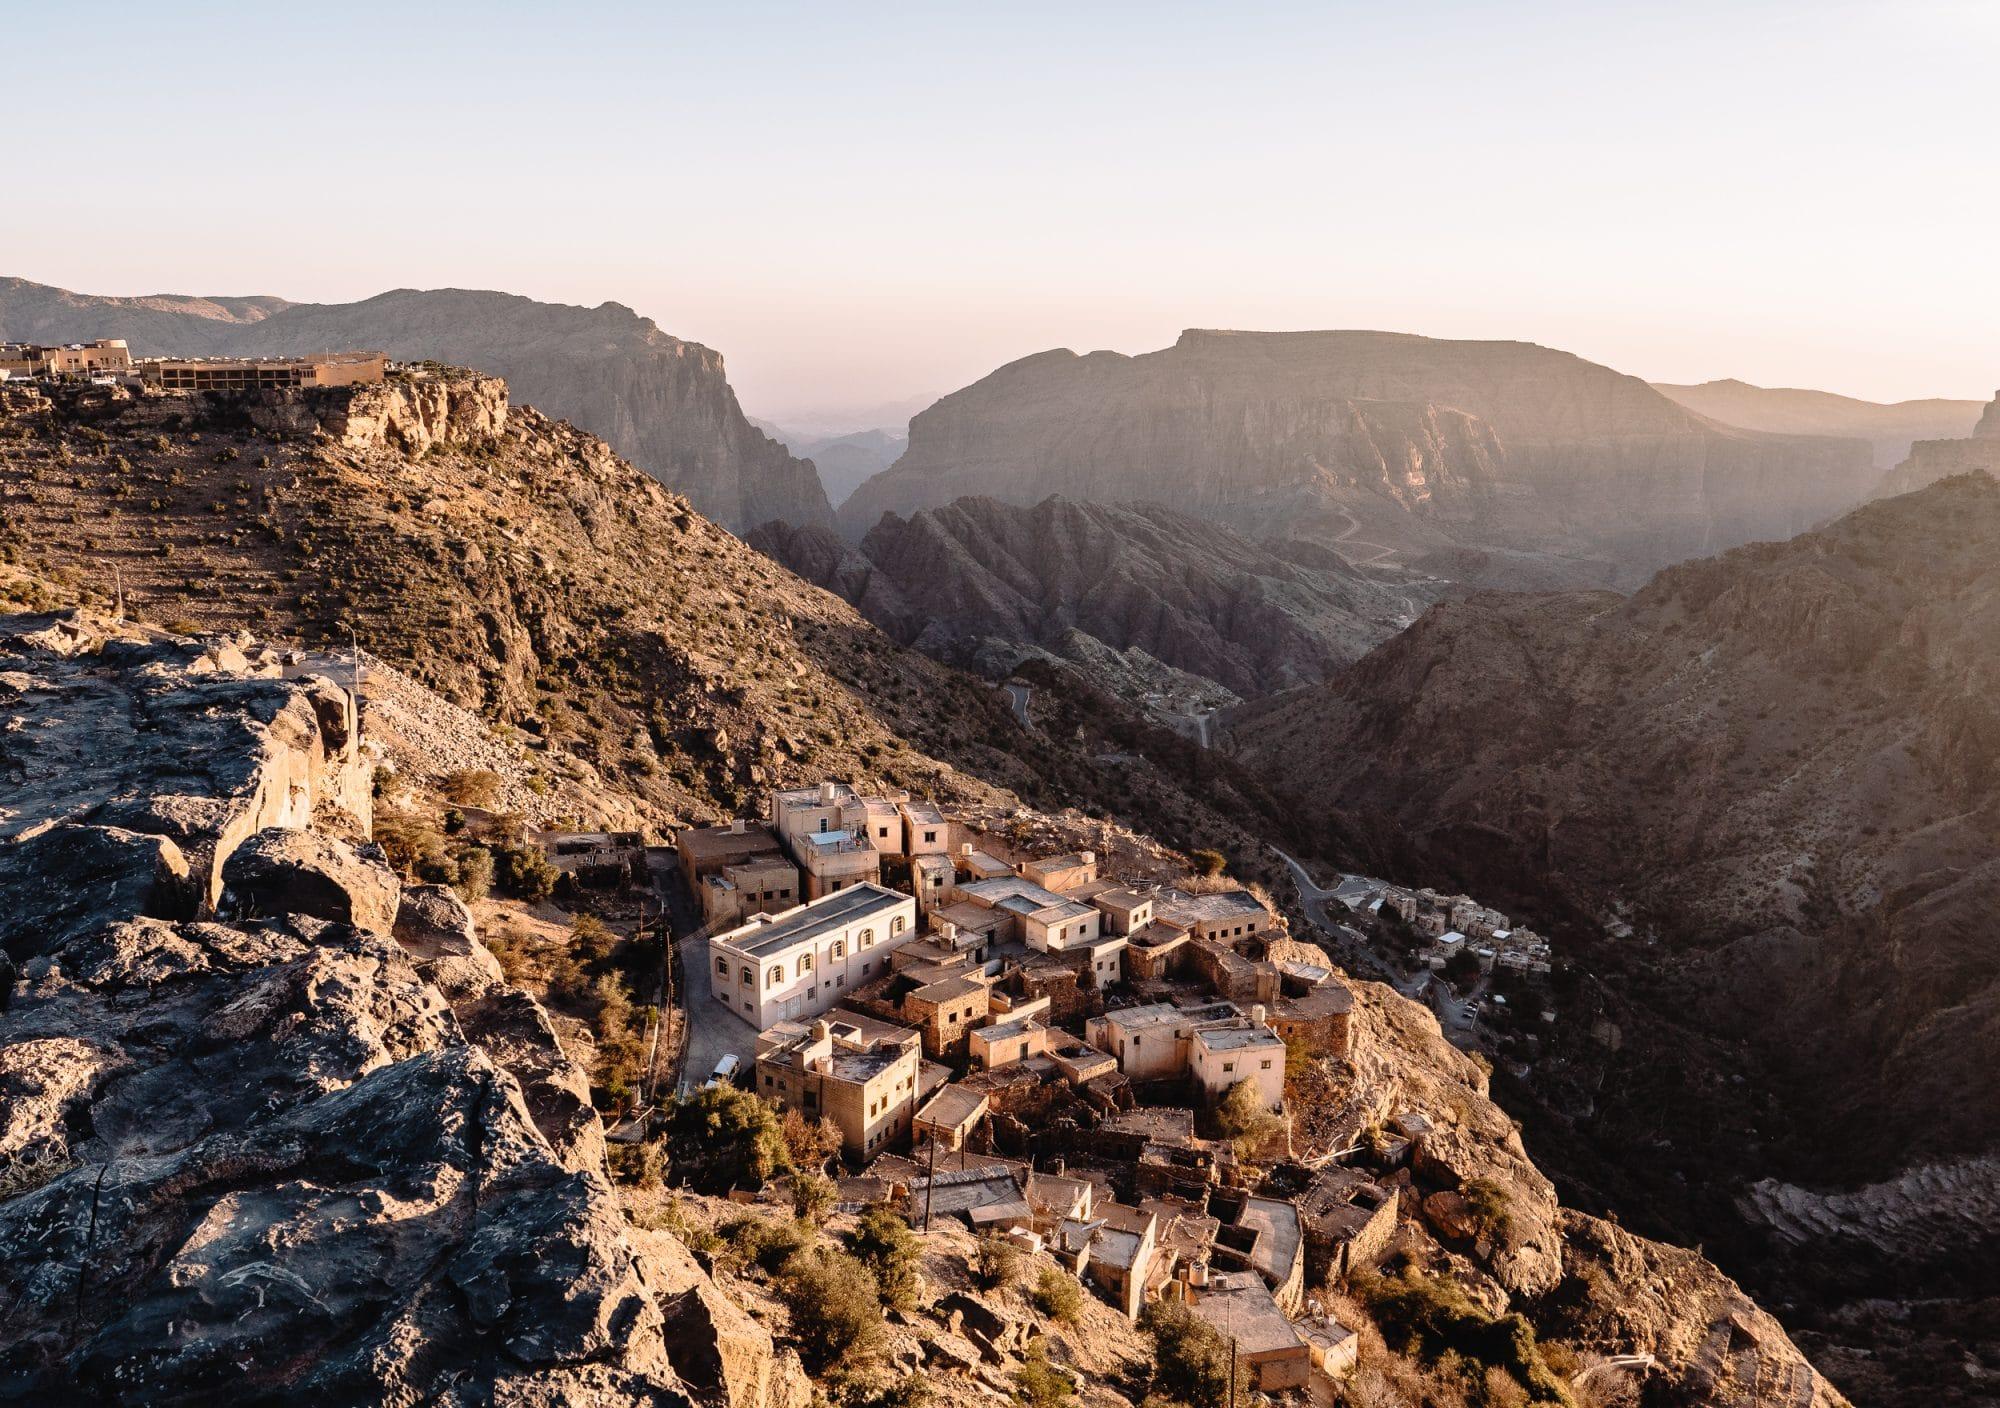 Image Voyage et Road Trip à Oman | Que voir, que faire ? Itinéraire sur 10 jours, conseils et bonnes adresses